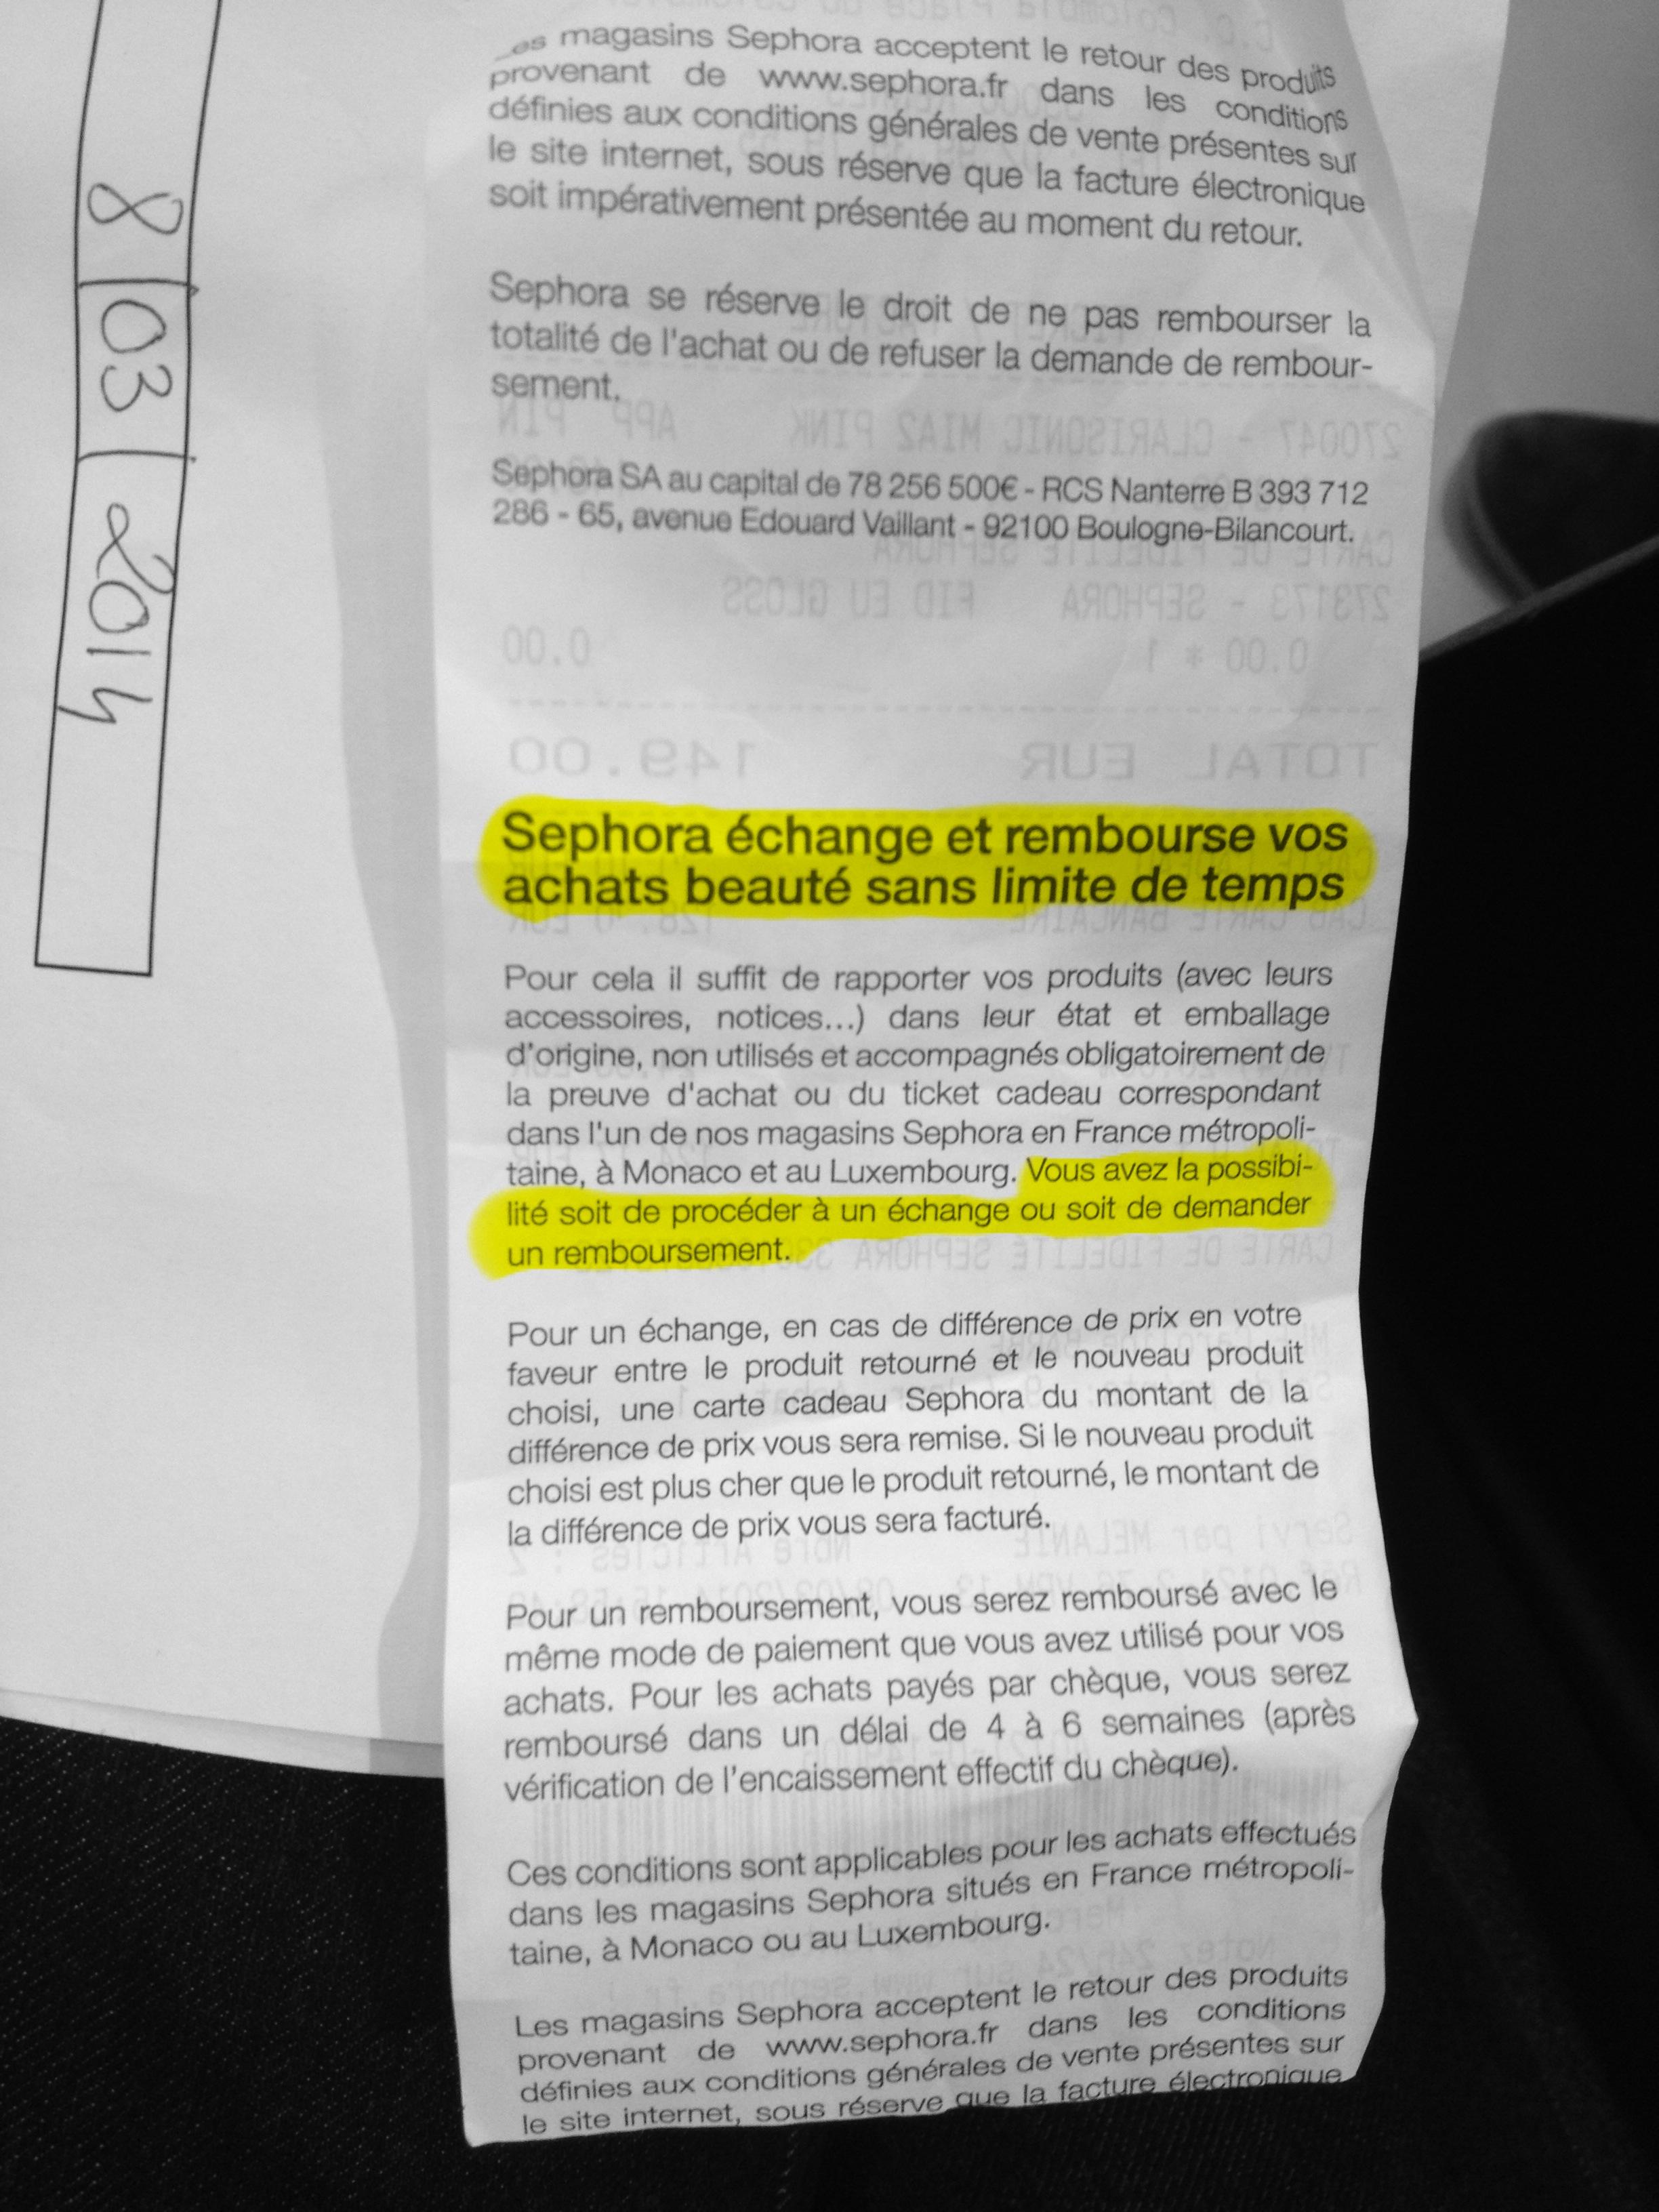 Droit De Forum Vie Et Sephora Refus Justice Remboursement Pratique vN08wmnO